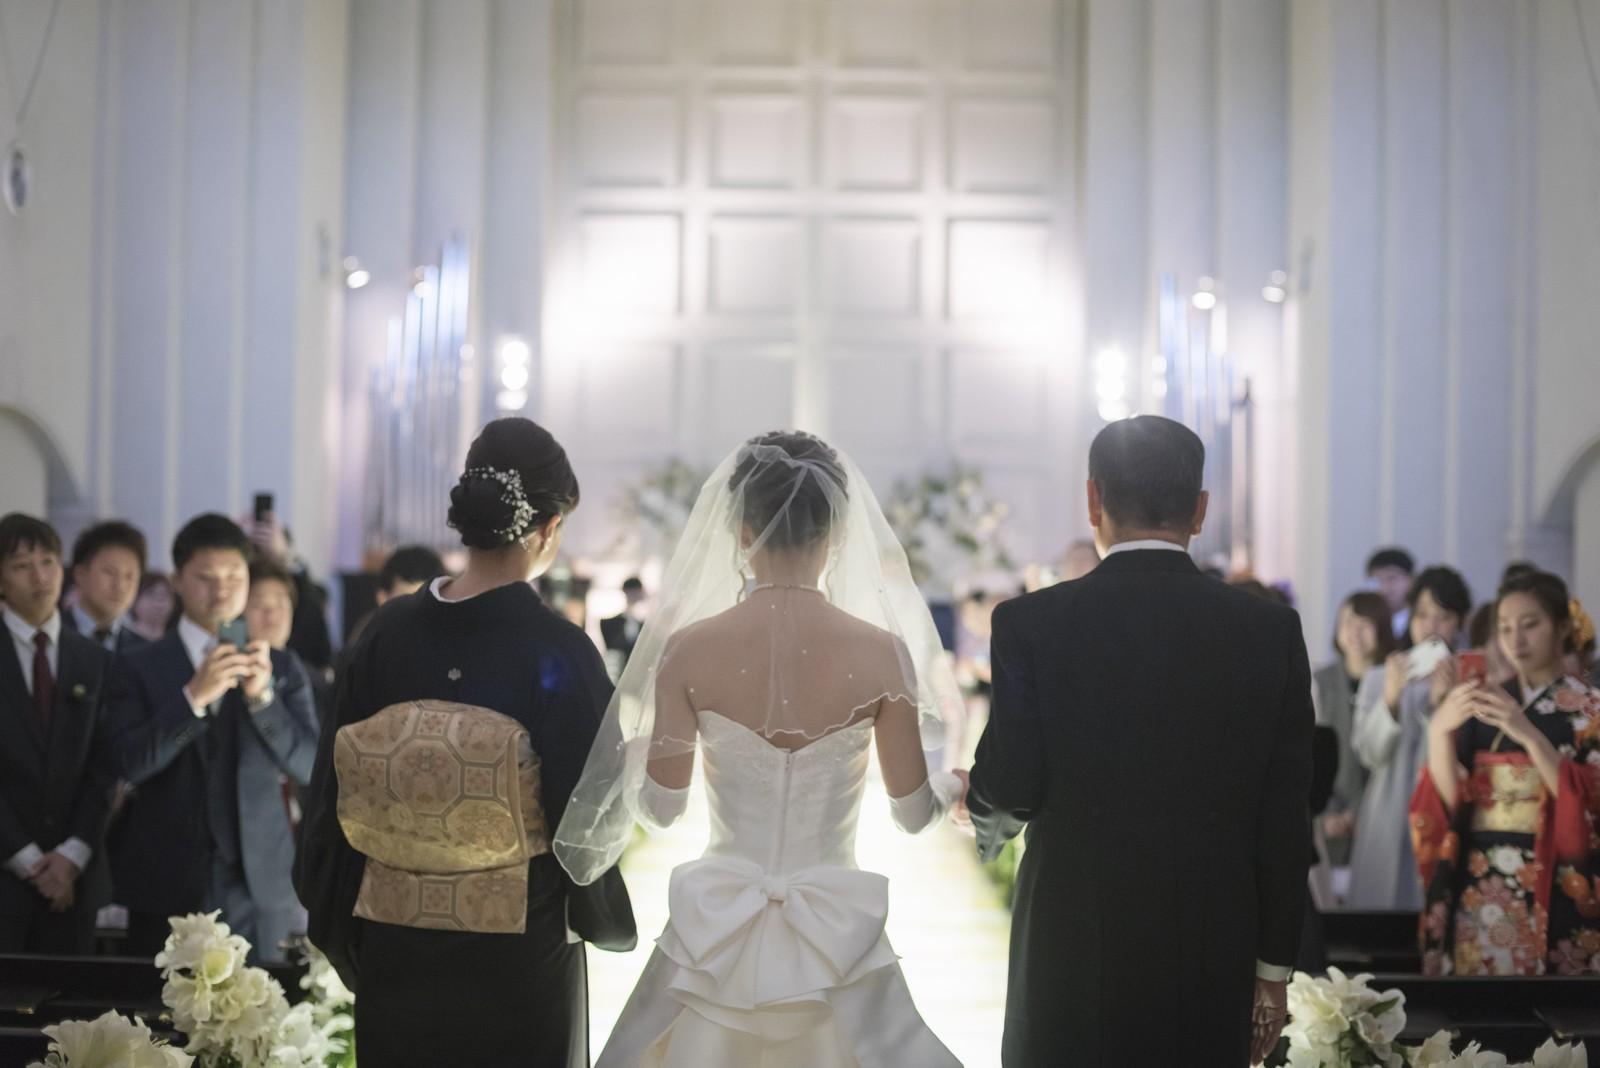 香川の結婚式場シェルエメール&アイスタイル 新婦入場